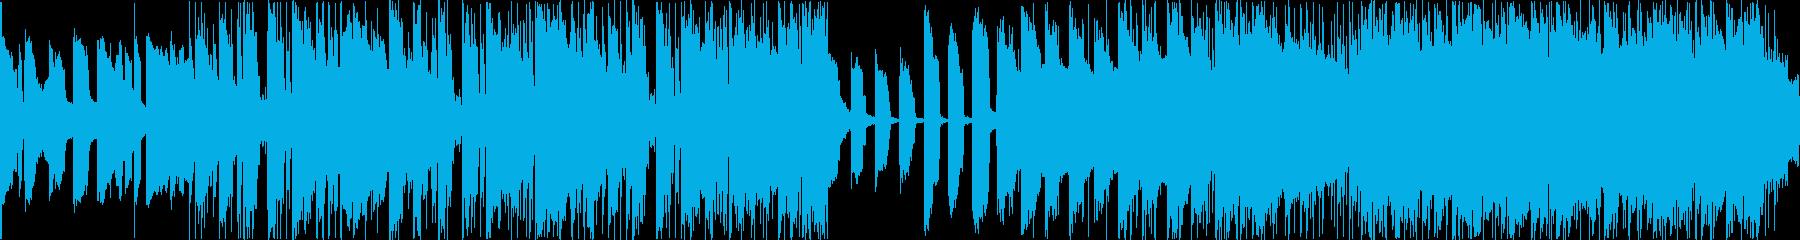 明るくポップなエレクトロBGMの再生済みの波形